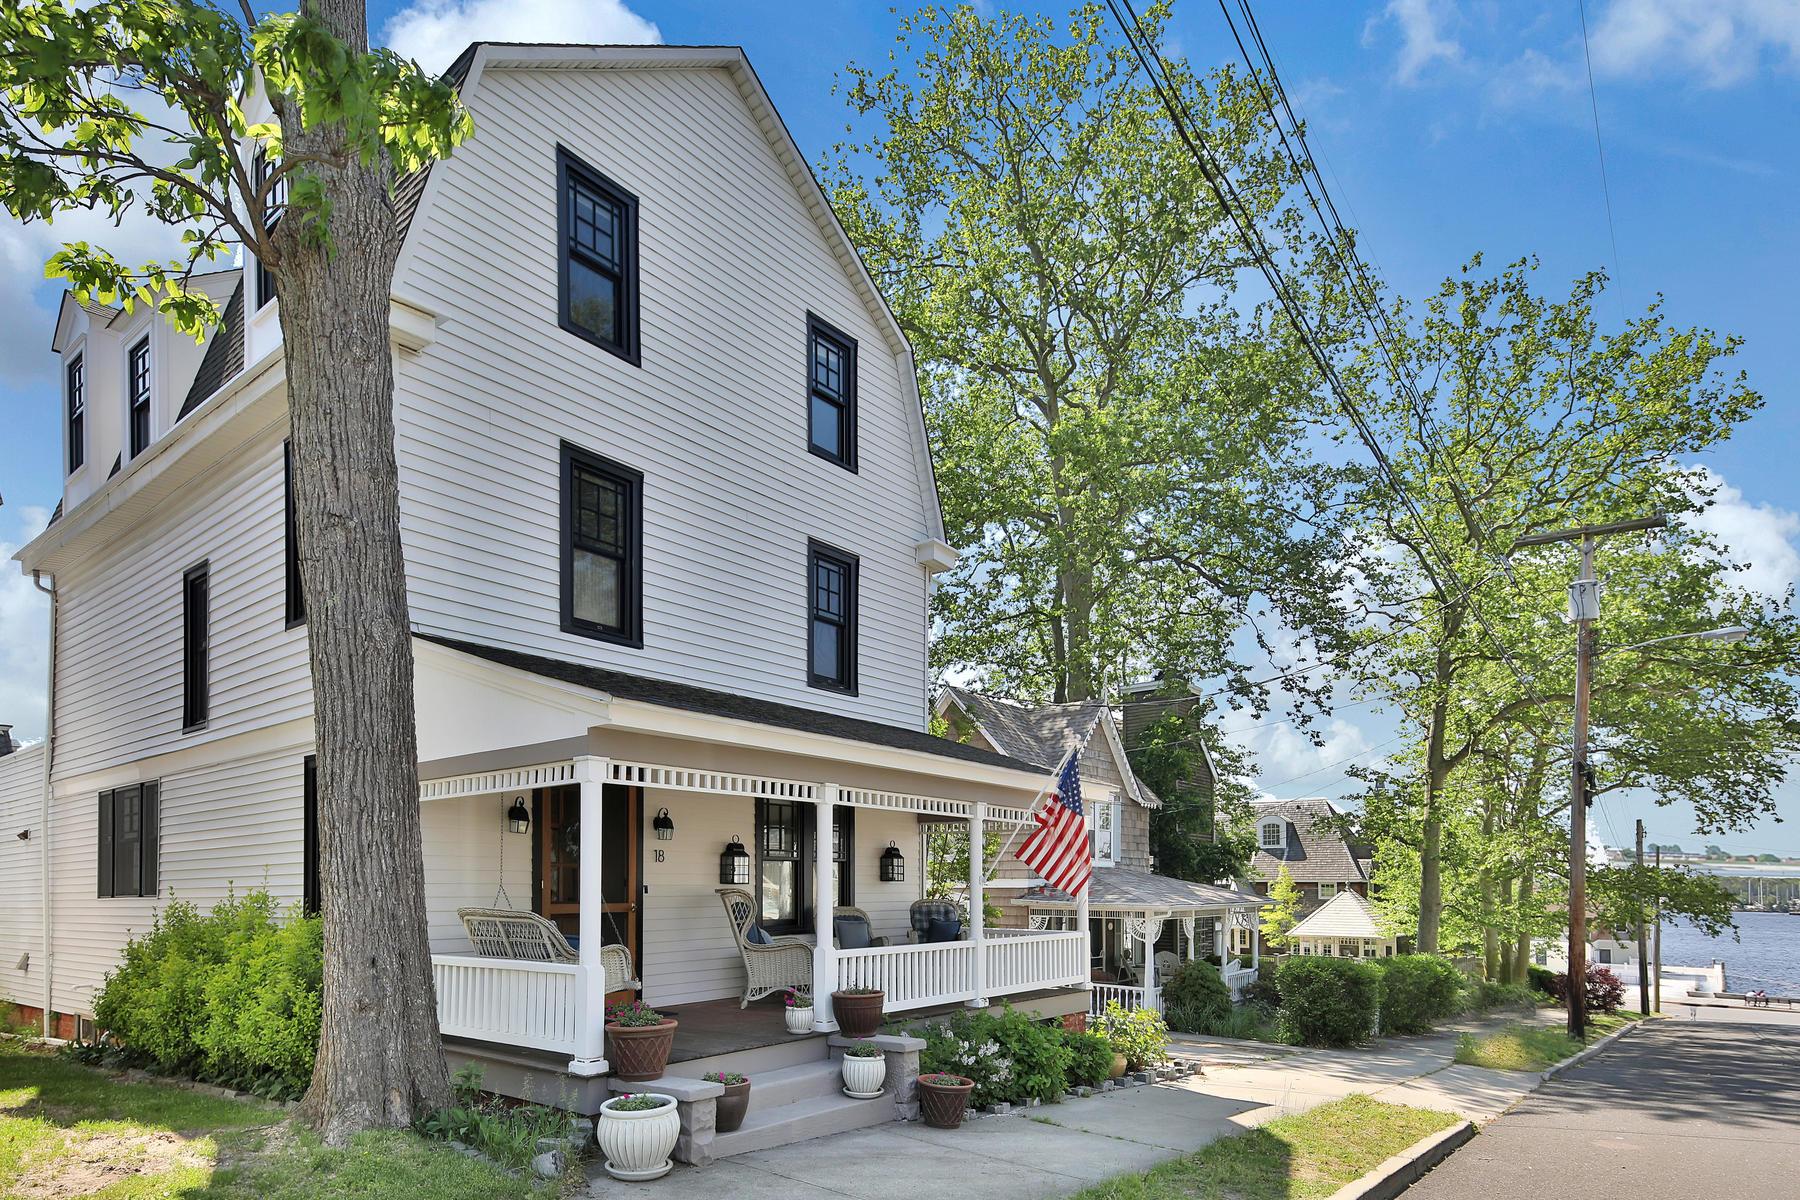 Частный односемейный дом для того Продажа на Beautiful Historic Victorian Home 18 Oak Avenue Island Heights, Нью-Джерси 08732 Соединенные Штаты